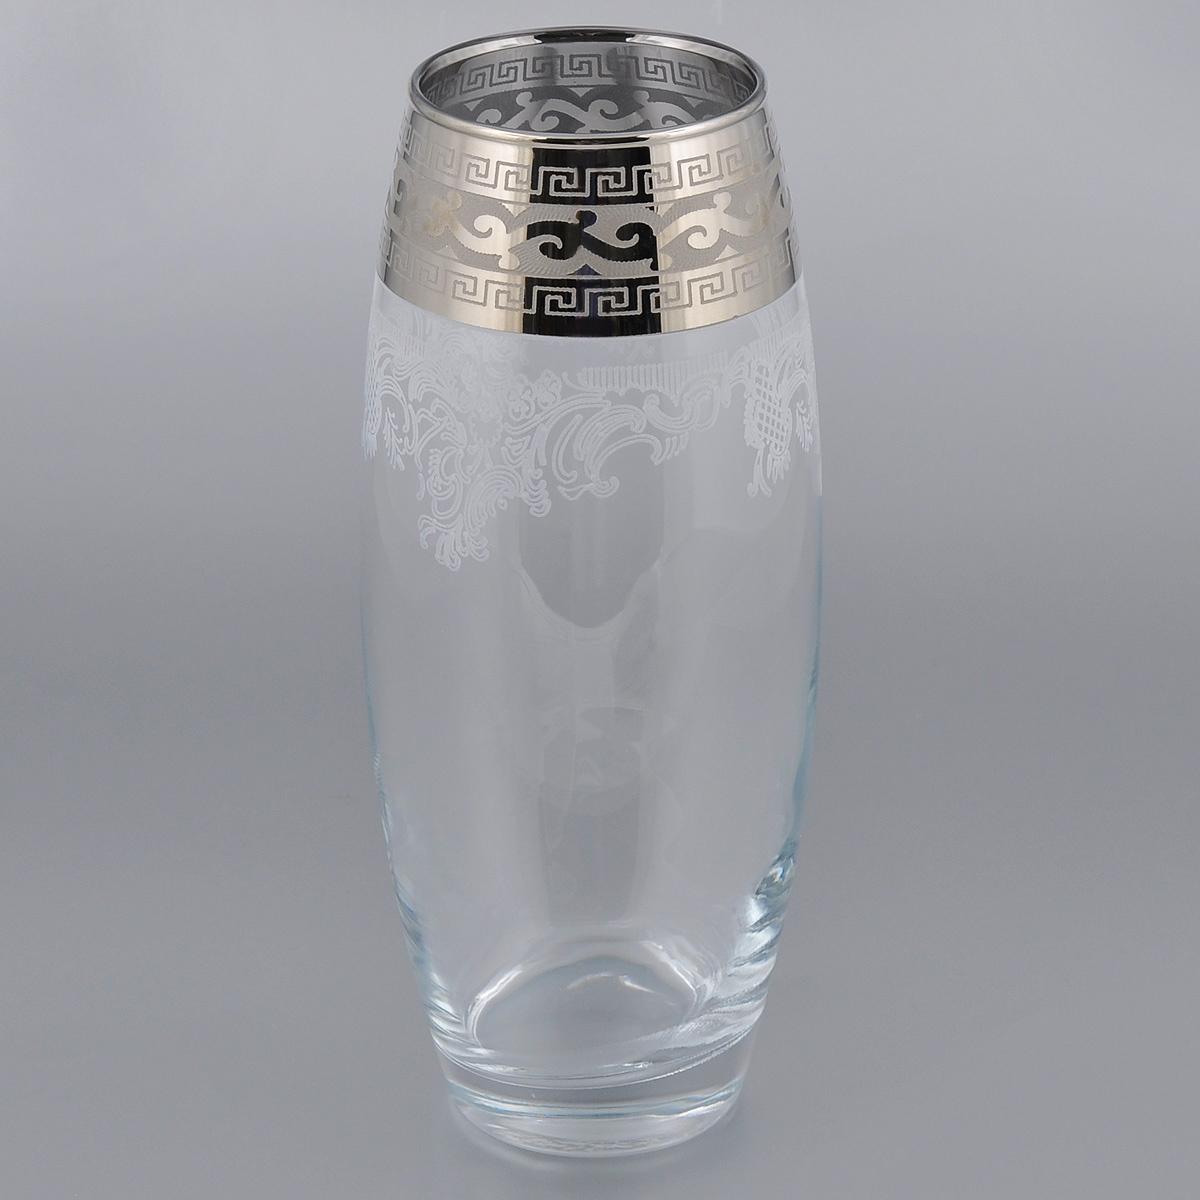 Ваза Гусь-Хрустальный Версаче, высота 26 смFS-80418Ваза Гусь-Хрустальный Версаче выполнена из высококачественного натрий-кальций-силикатного стекла. Изделие декорировано белым матовым орнаментом и рисунком в стиле Versace. Такая ваза станет изысканным украшение интерьера помещения. Прекрасный подарок к любому случаю. Диаметр (по верхнему краю): 8 см.